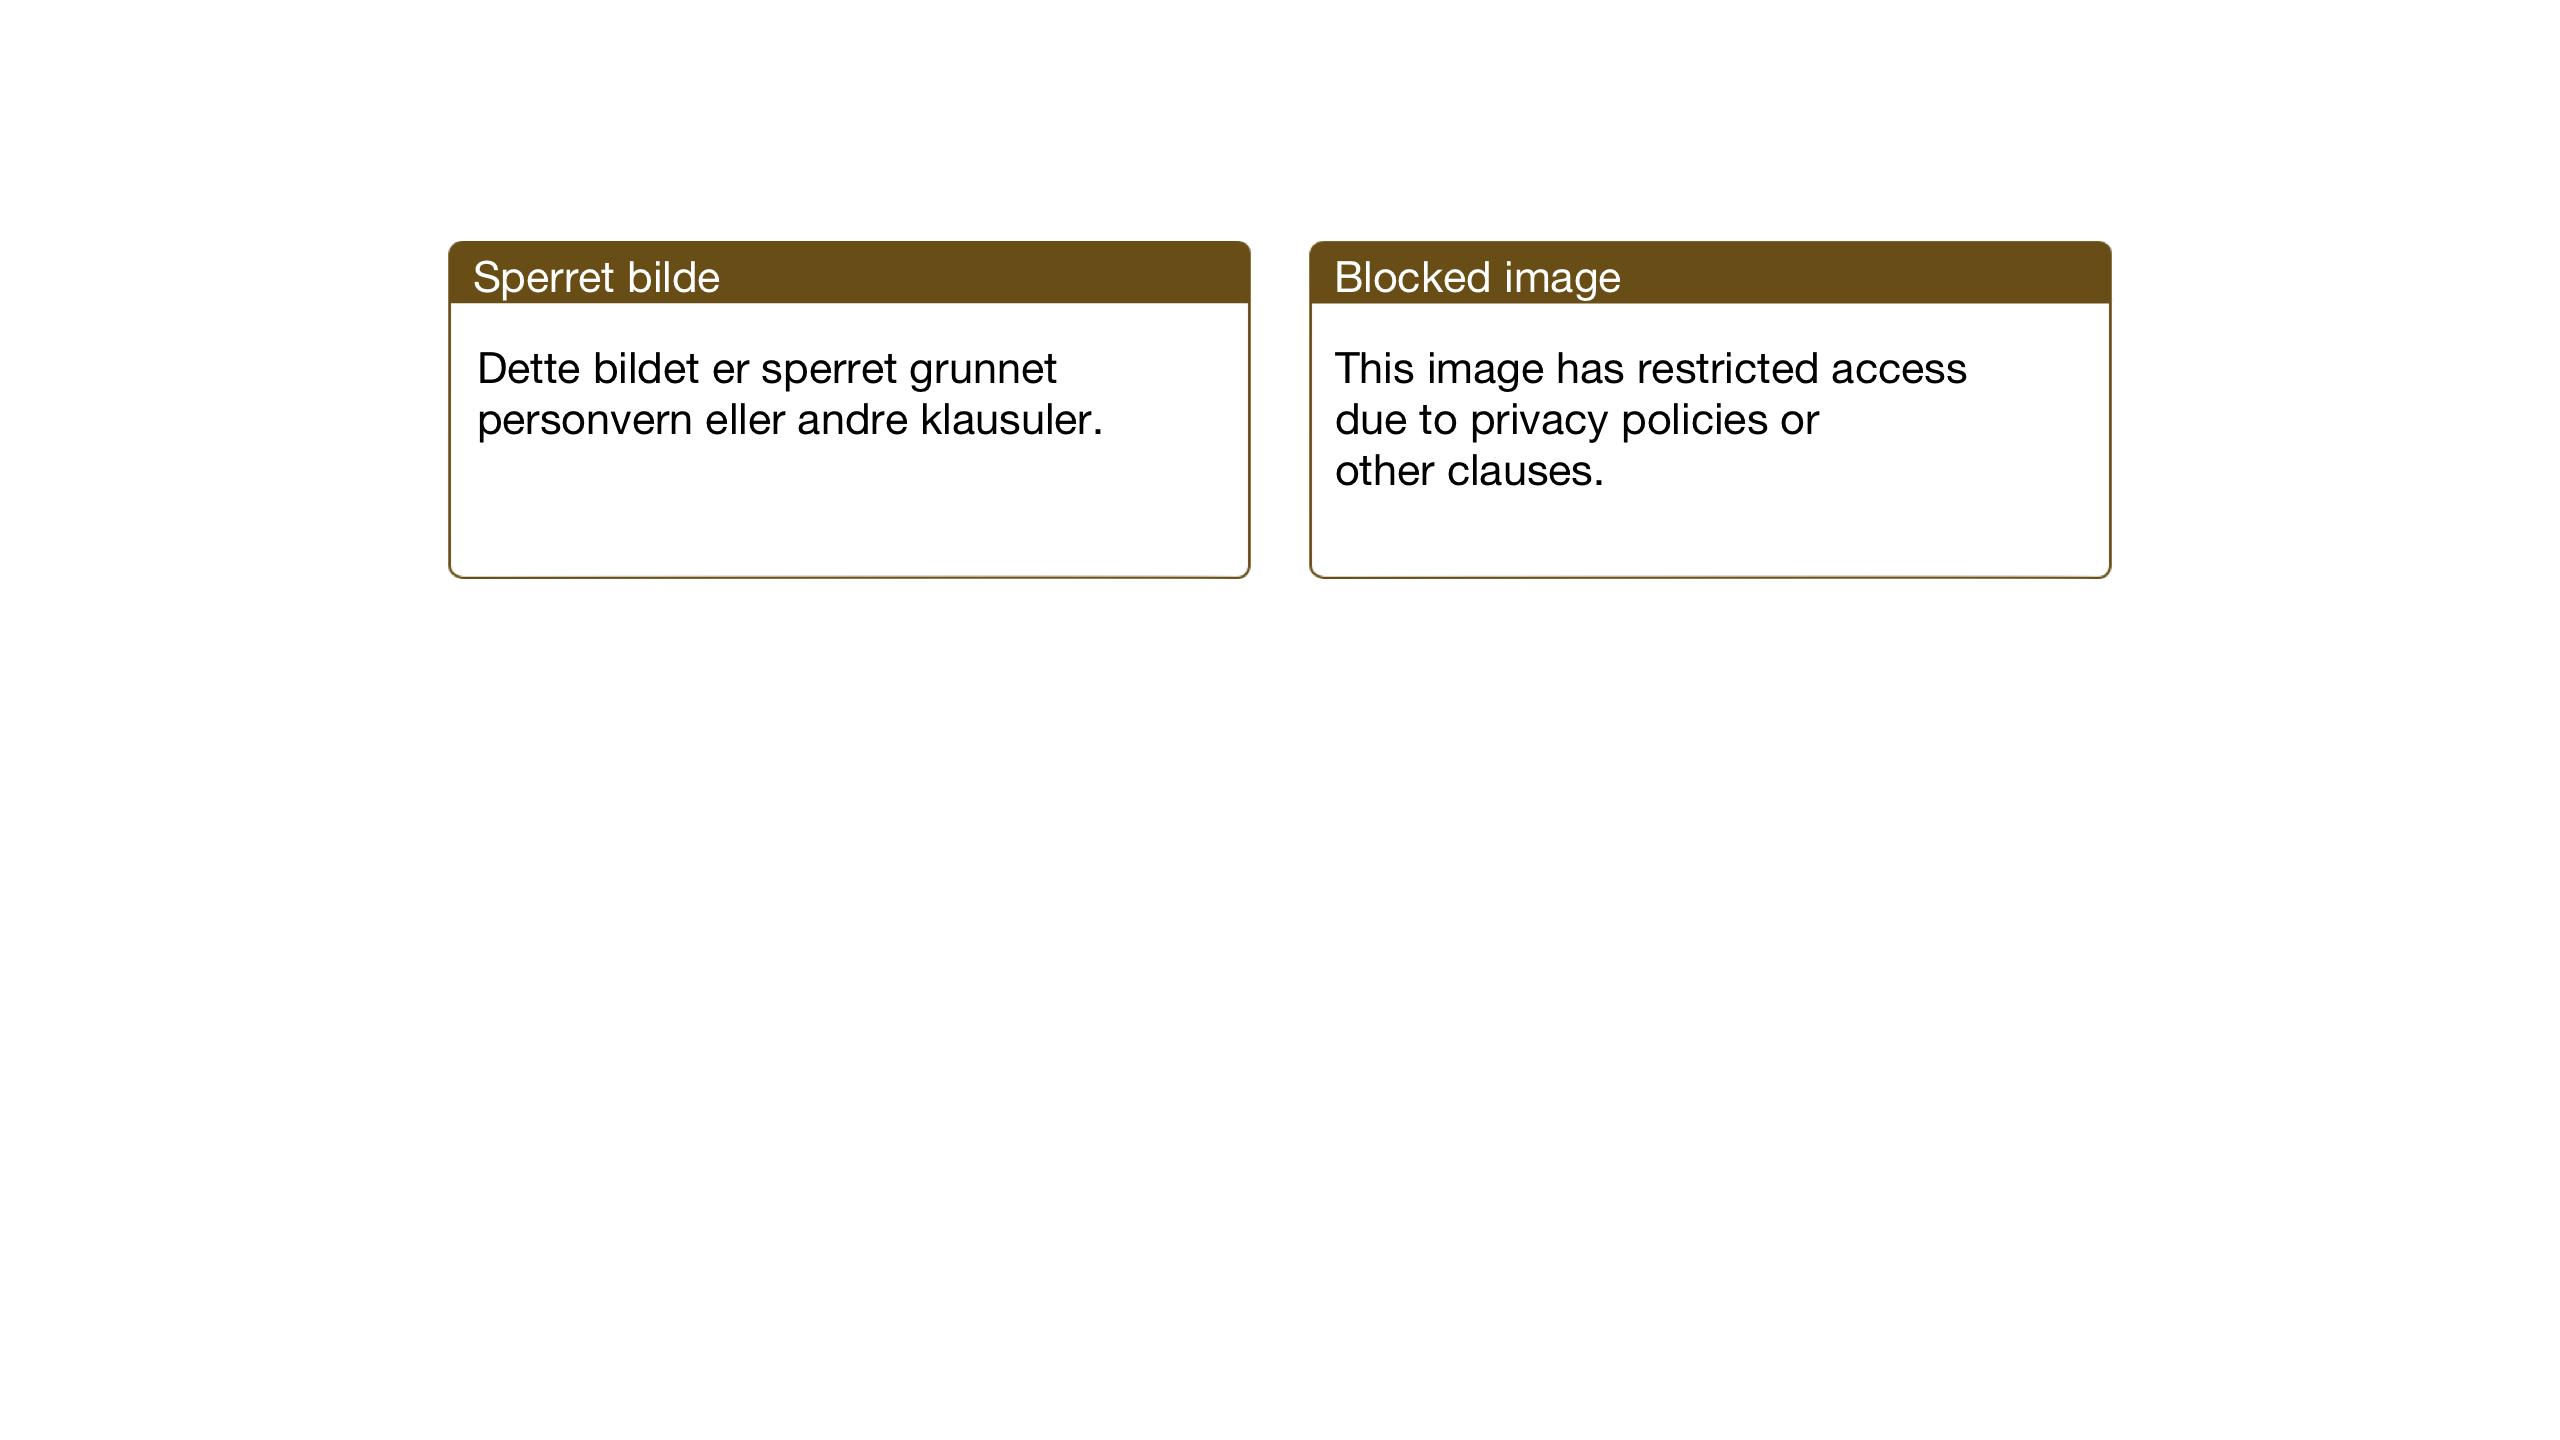 SAT, Ministerialprotokoller, klokkerbøker og fødselsregistre - Nord-Trøndelag, 740/L0383: Klokkerbok nr. 740C04, 1927-1939, s. 30